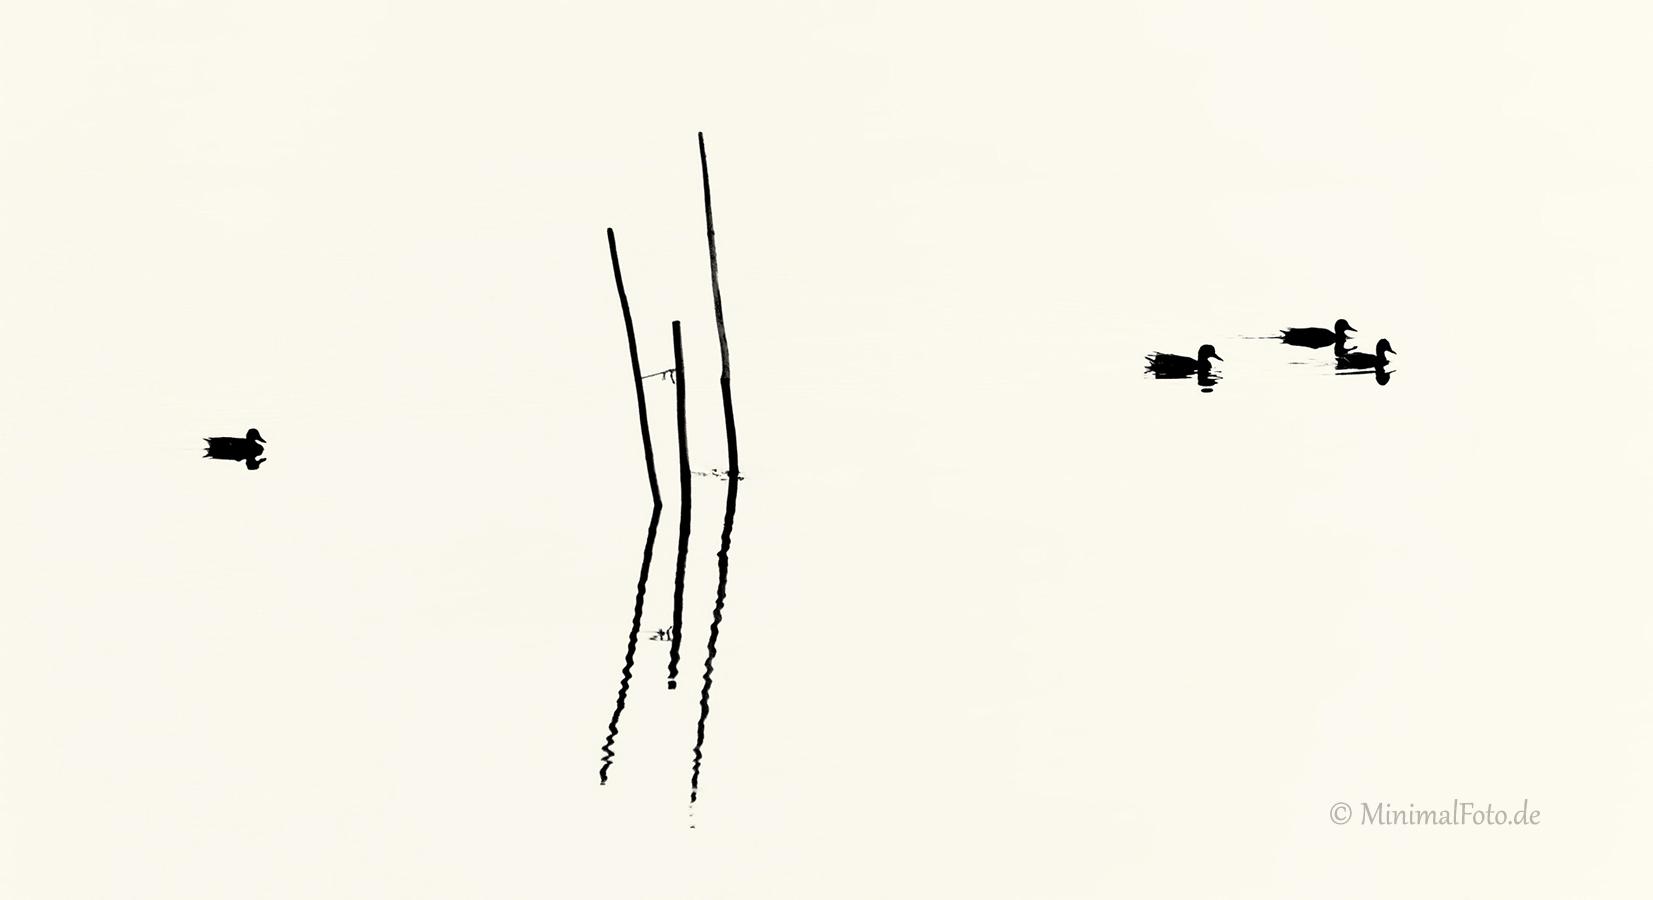 Ente-Stock-mallard-duck-Fisch-Reusen-Stange-vogel-bird-silhouette-Minimalismus-minimalistisch-minimalistic-black-white-schwarz-weiss-AXO1I7205a-sw